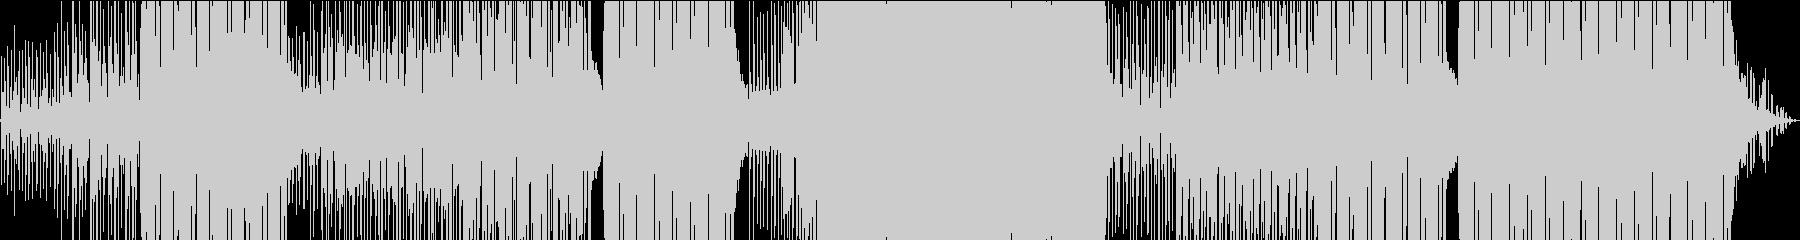 夏にぴったり涼しげトロピカル調のEDMの未再生の波形